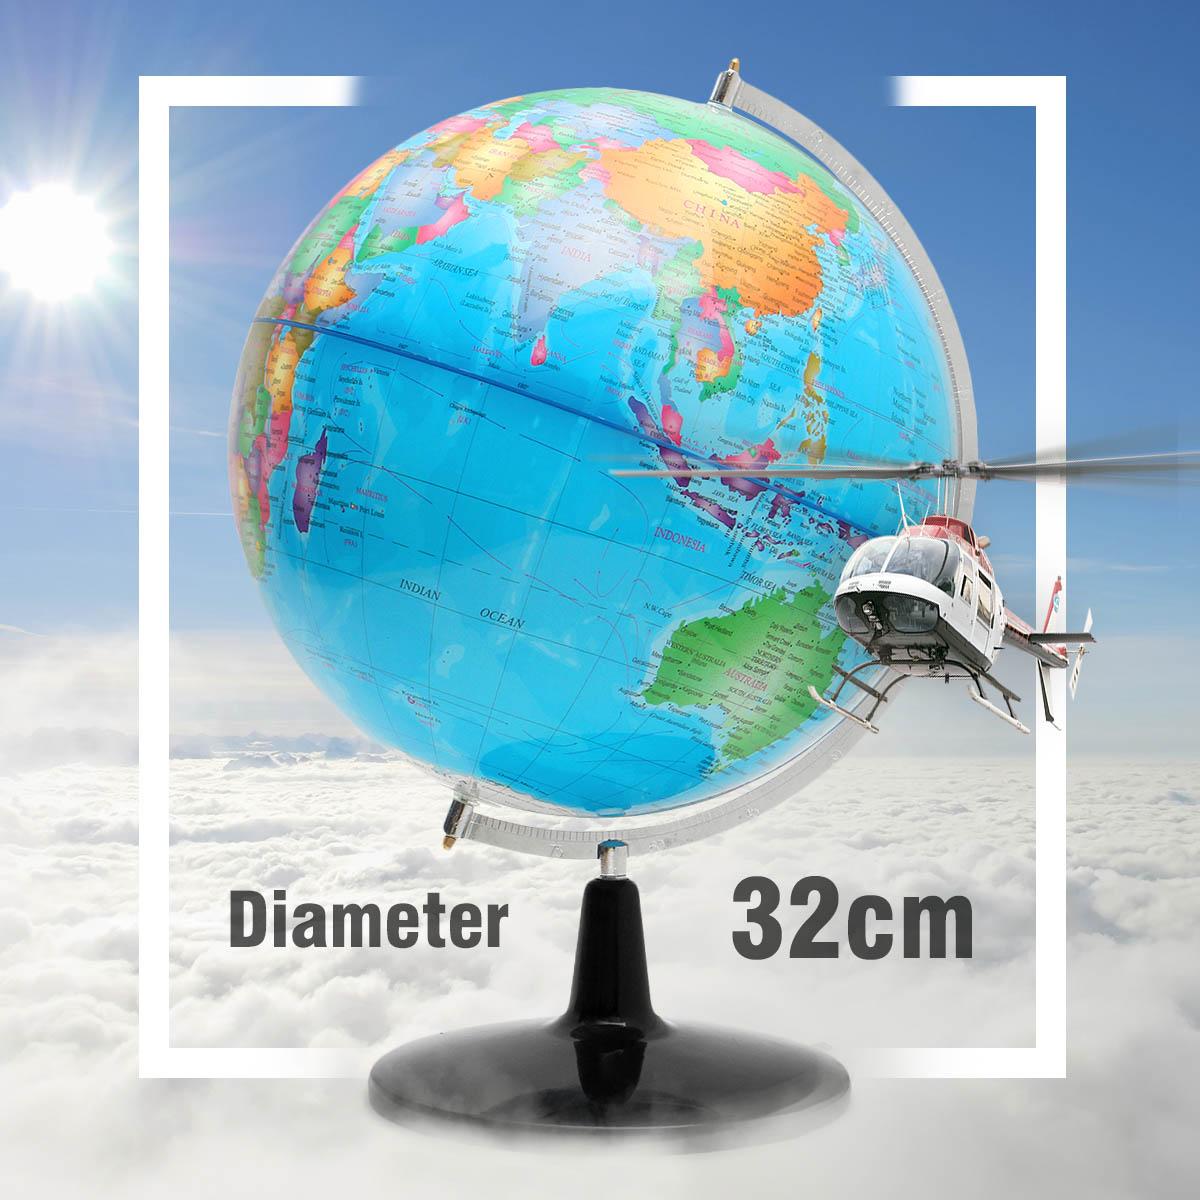 32 CM grand grand Globe rotatif carte du monde de la terre géographie école outil éducatif maison bureau ornement cadeau